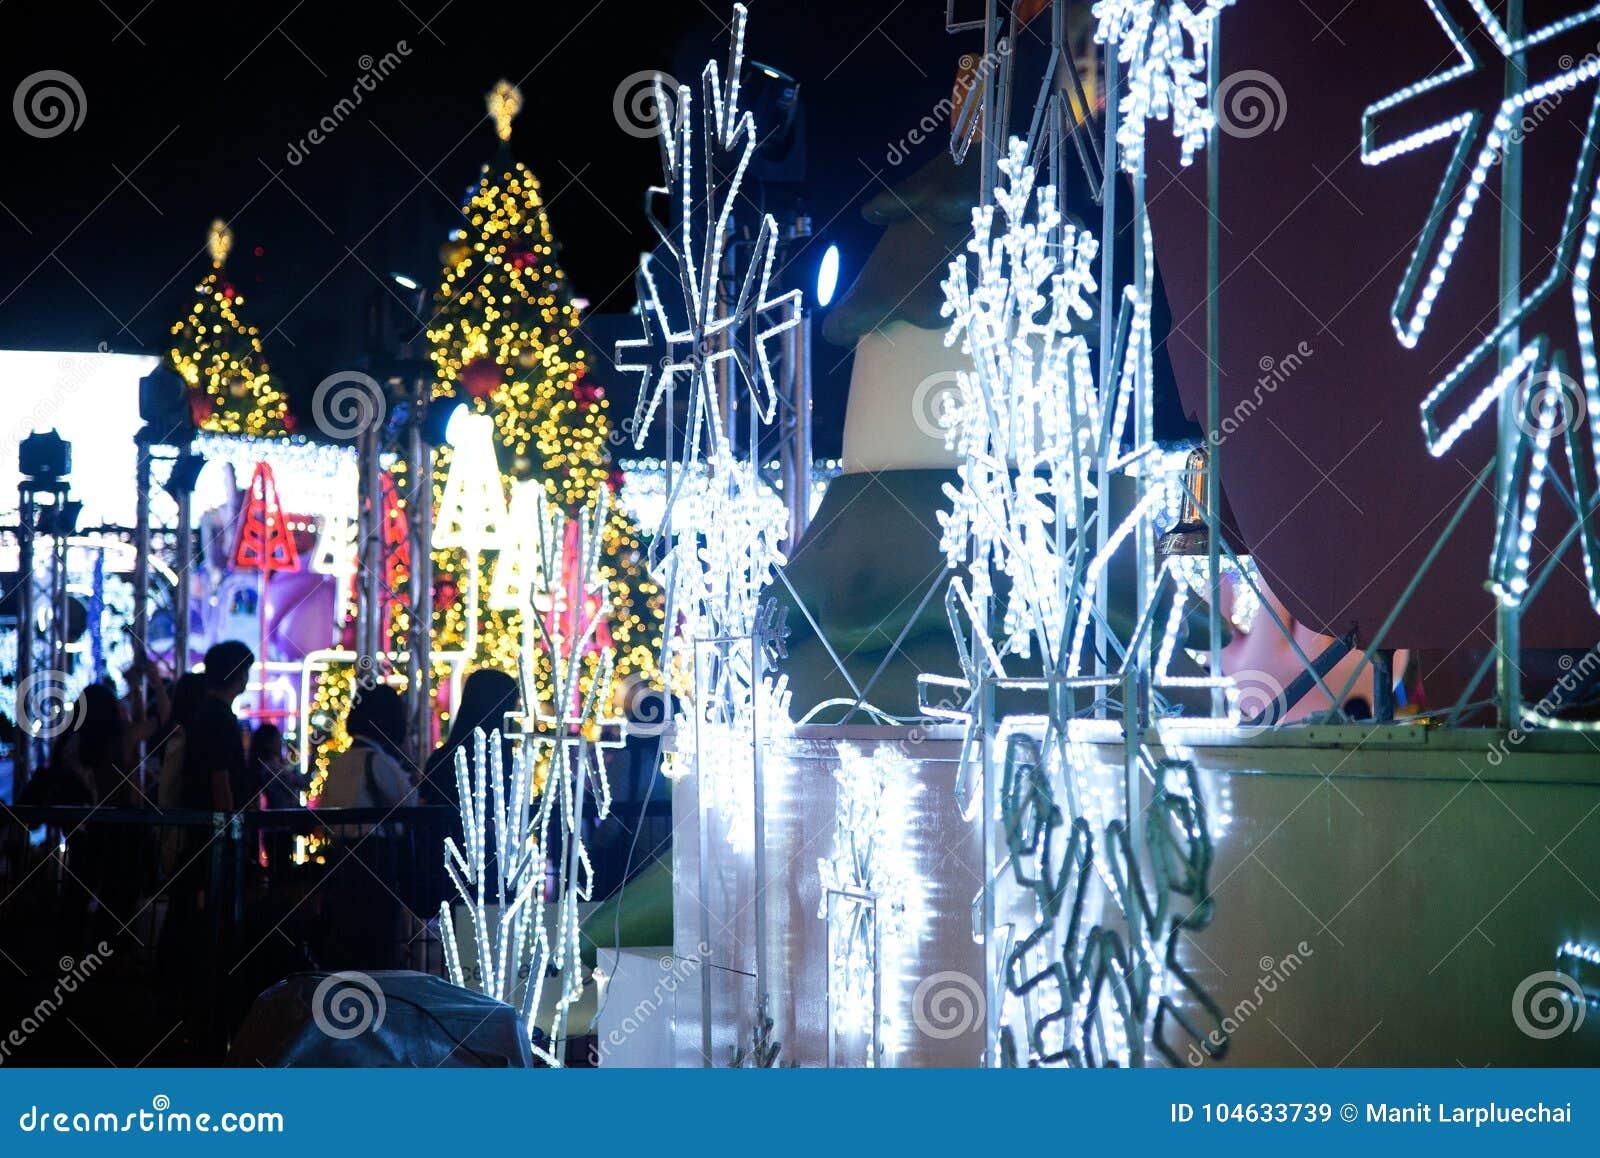 Download Het Licht Van Kleurrijk Verfraait Mooi Op Kerstboomviering Redactionele Stock Afbeelding - Afbeelding bestaande uit azië, geluk: 104633739